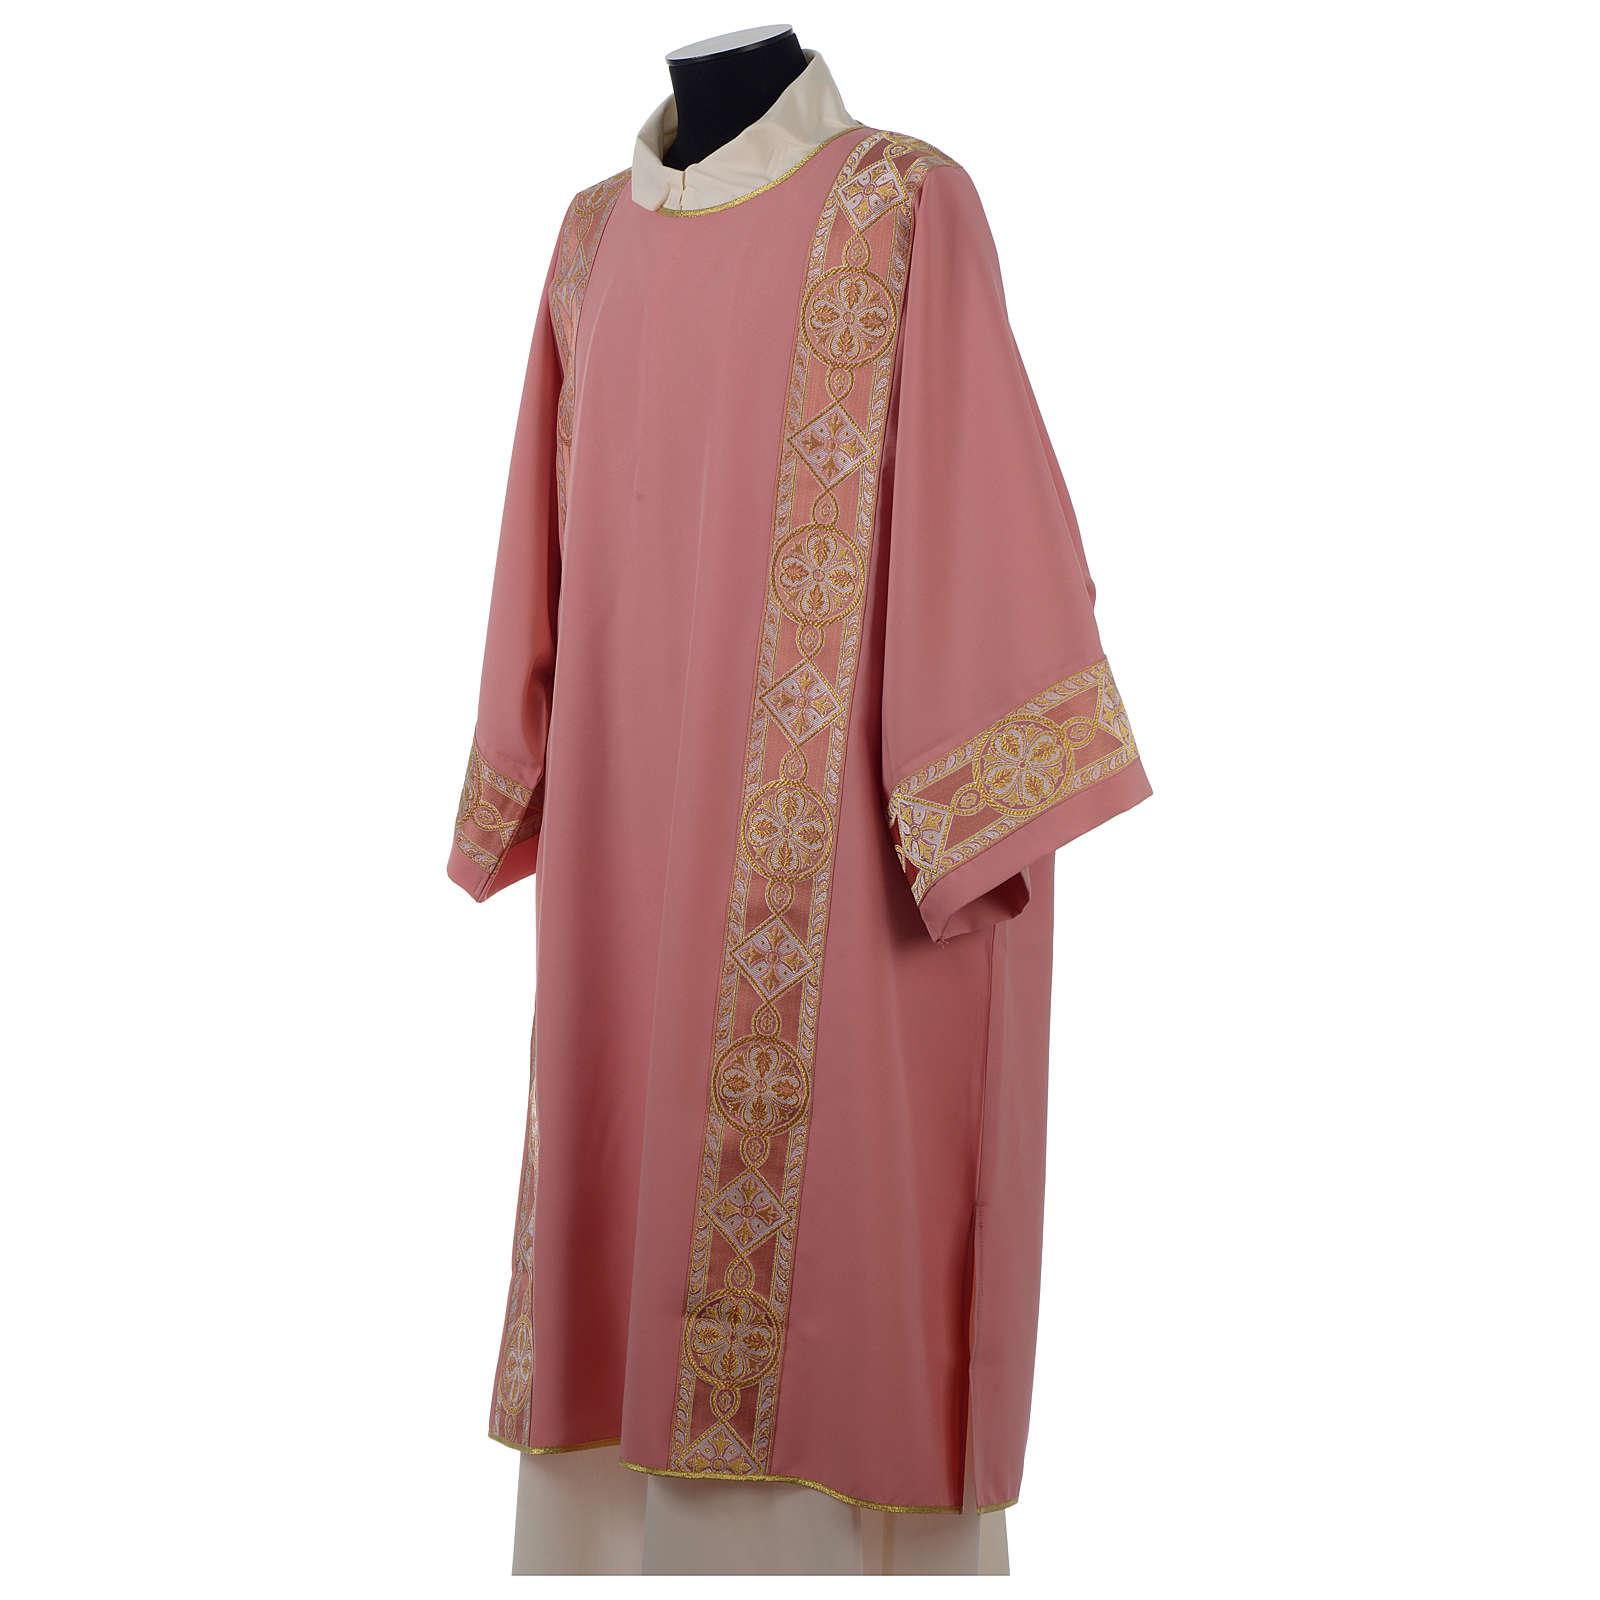 Dalmatica rosa gallone applicato davanti tessuto Vatican poliestere 4